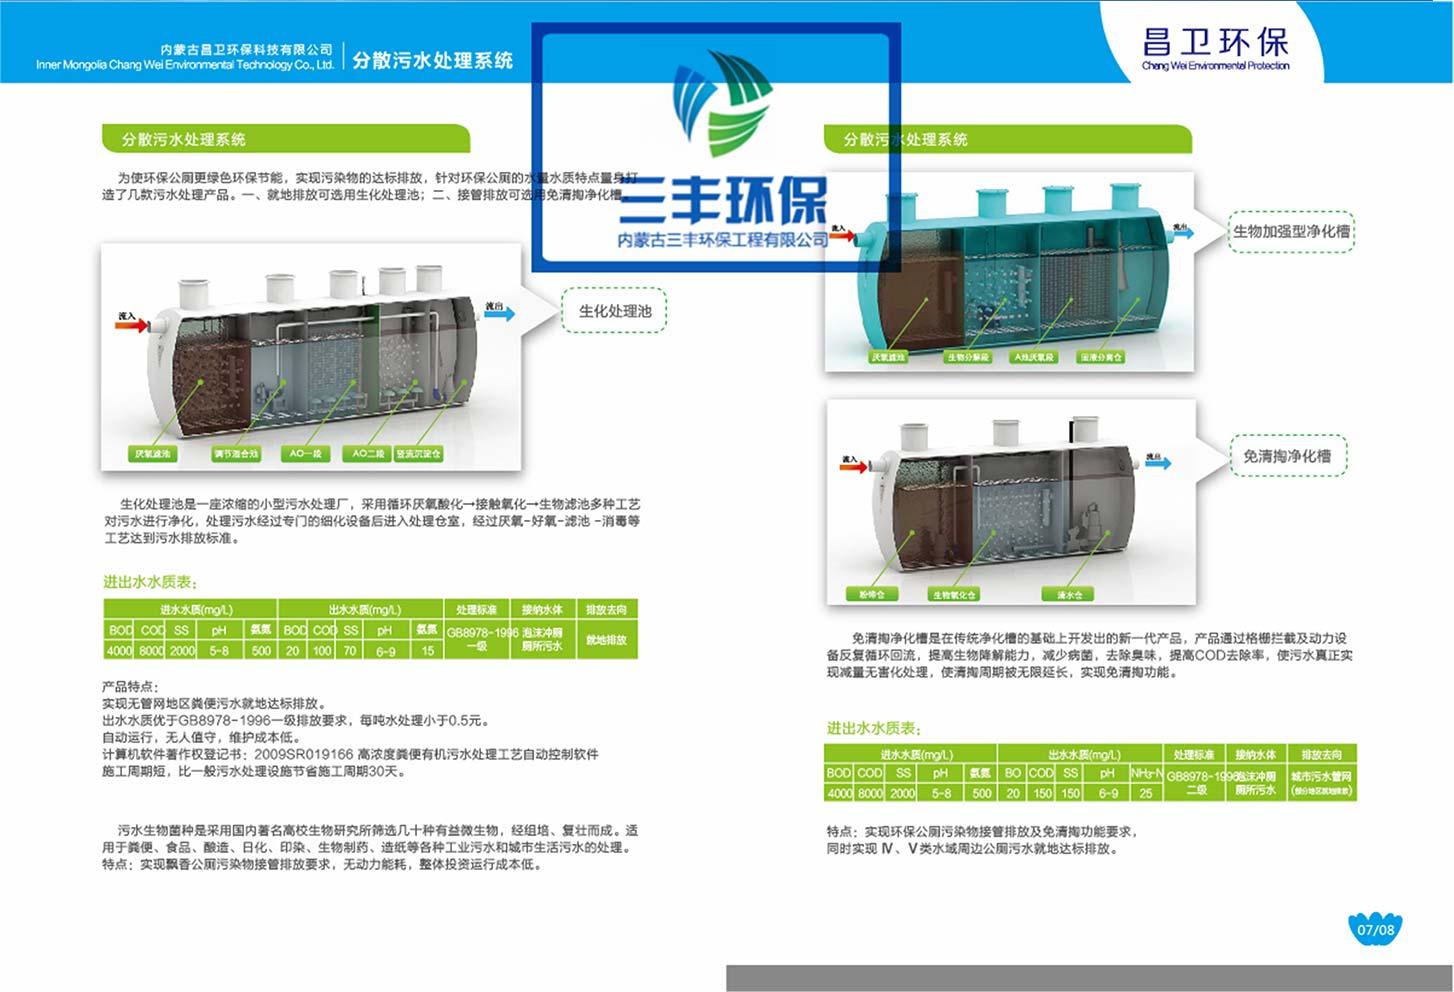 赤峰公共厕所无水打包移动厕所维修电话 欢迎咨询 三丰供应